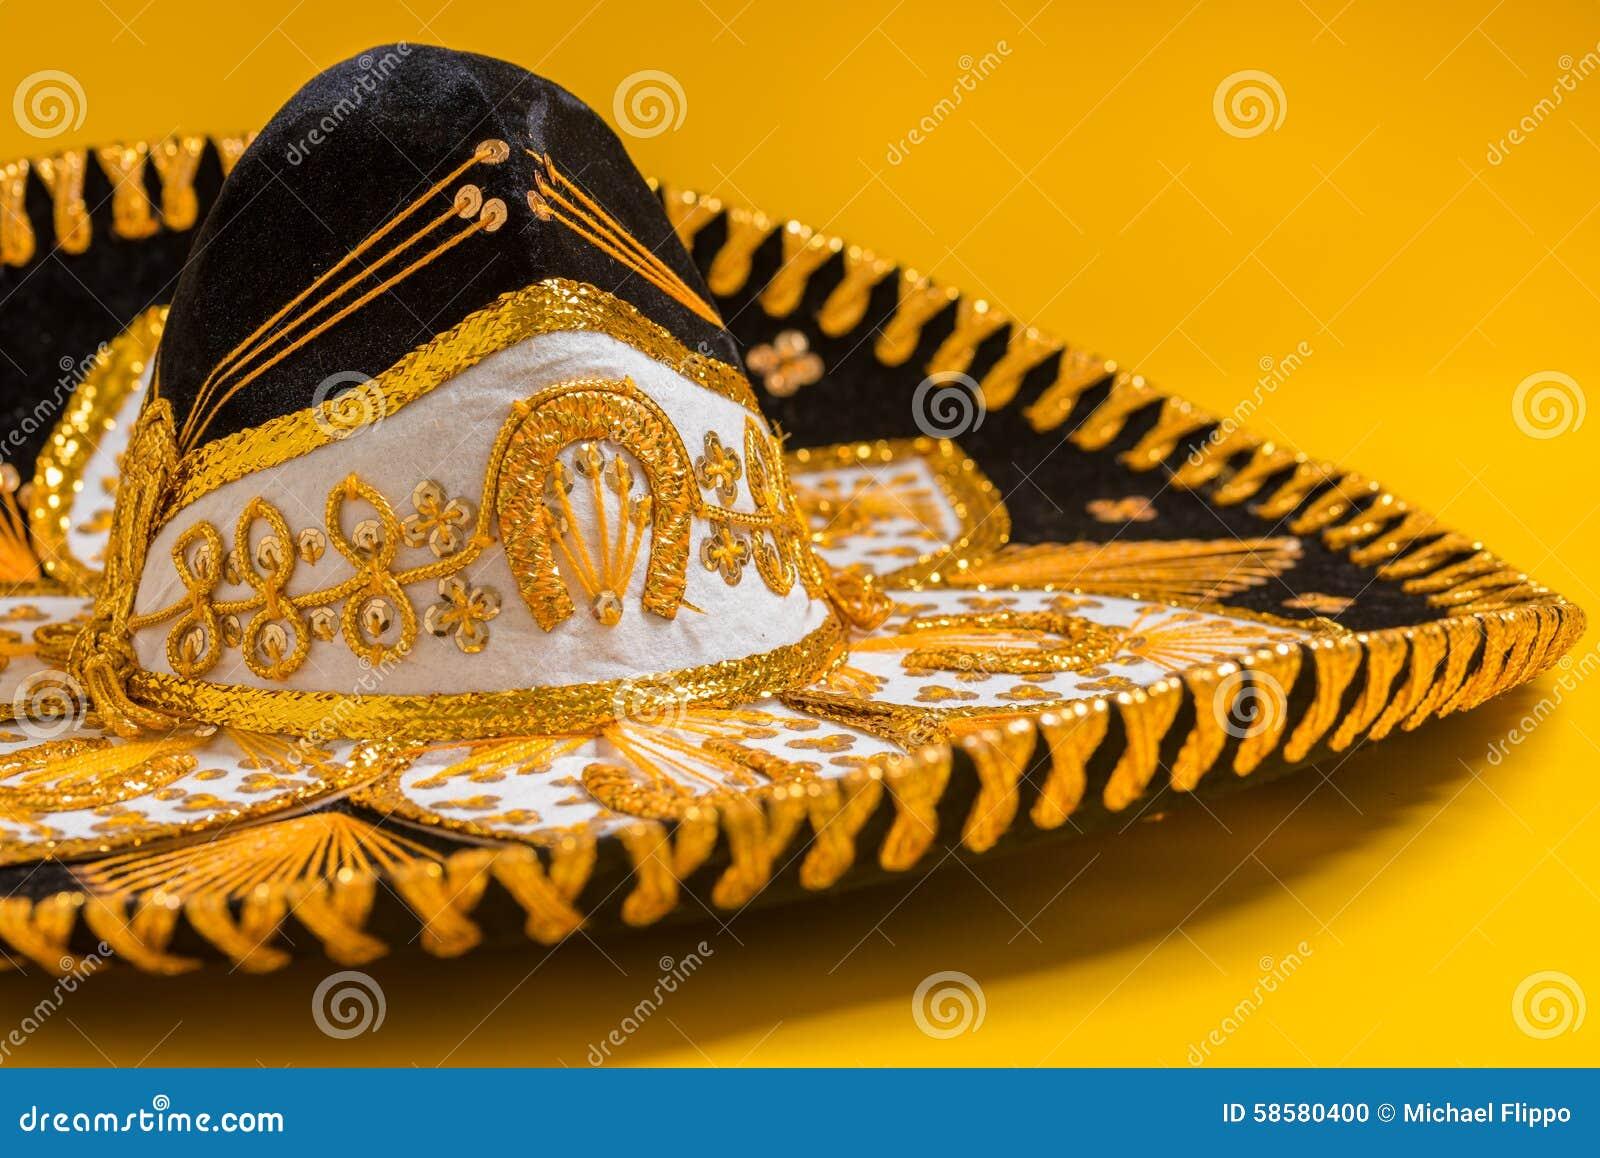 Un Sombrero Mexicano Negro Festivo Del Mariachi Foto de archivo ... 70206e19d13